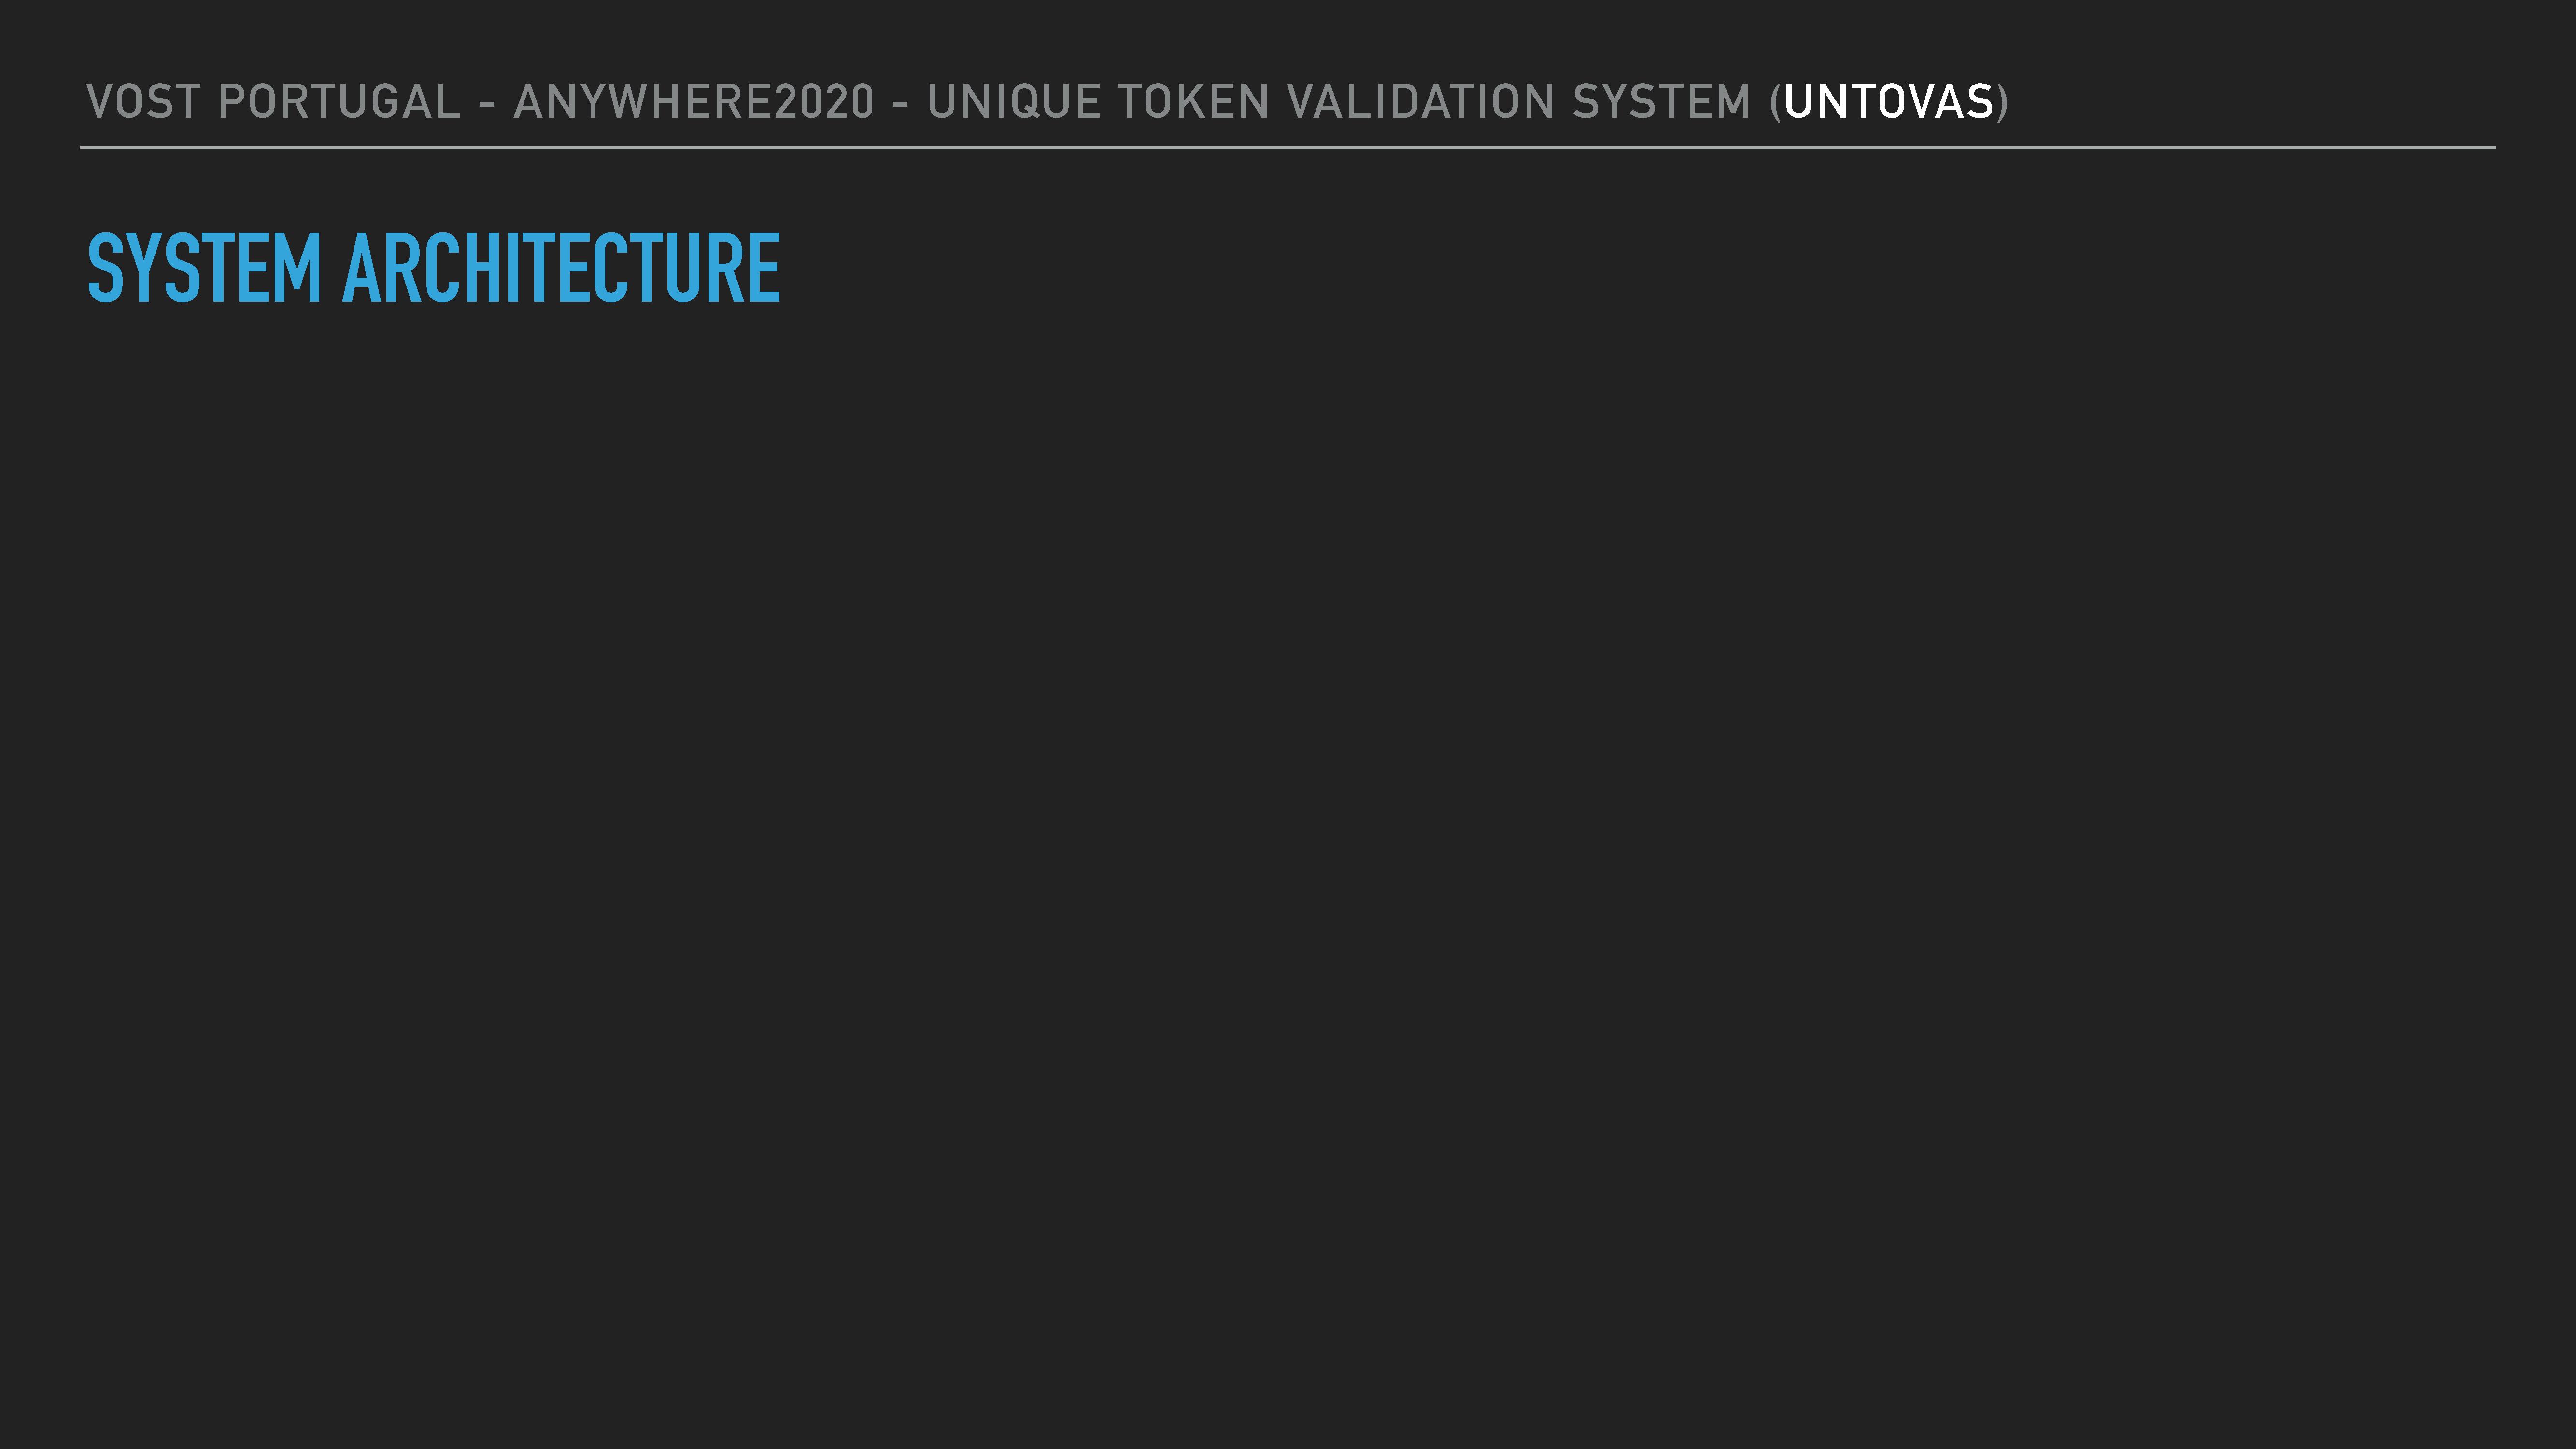 VOSTPT_ANYWHERE2020_BCN_PDF_FINAL_Page_72